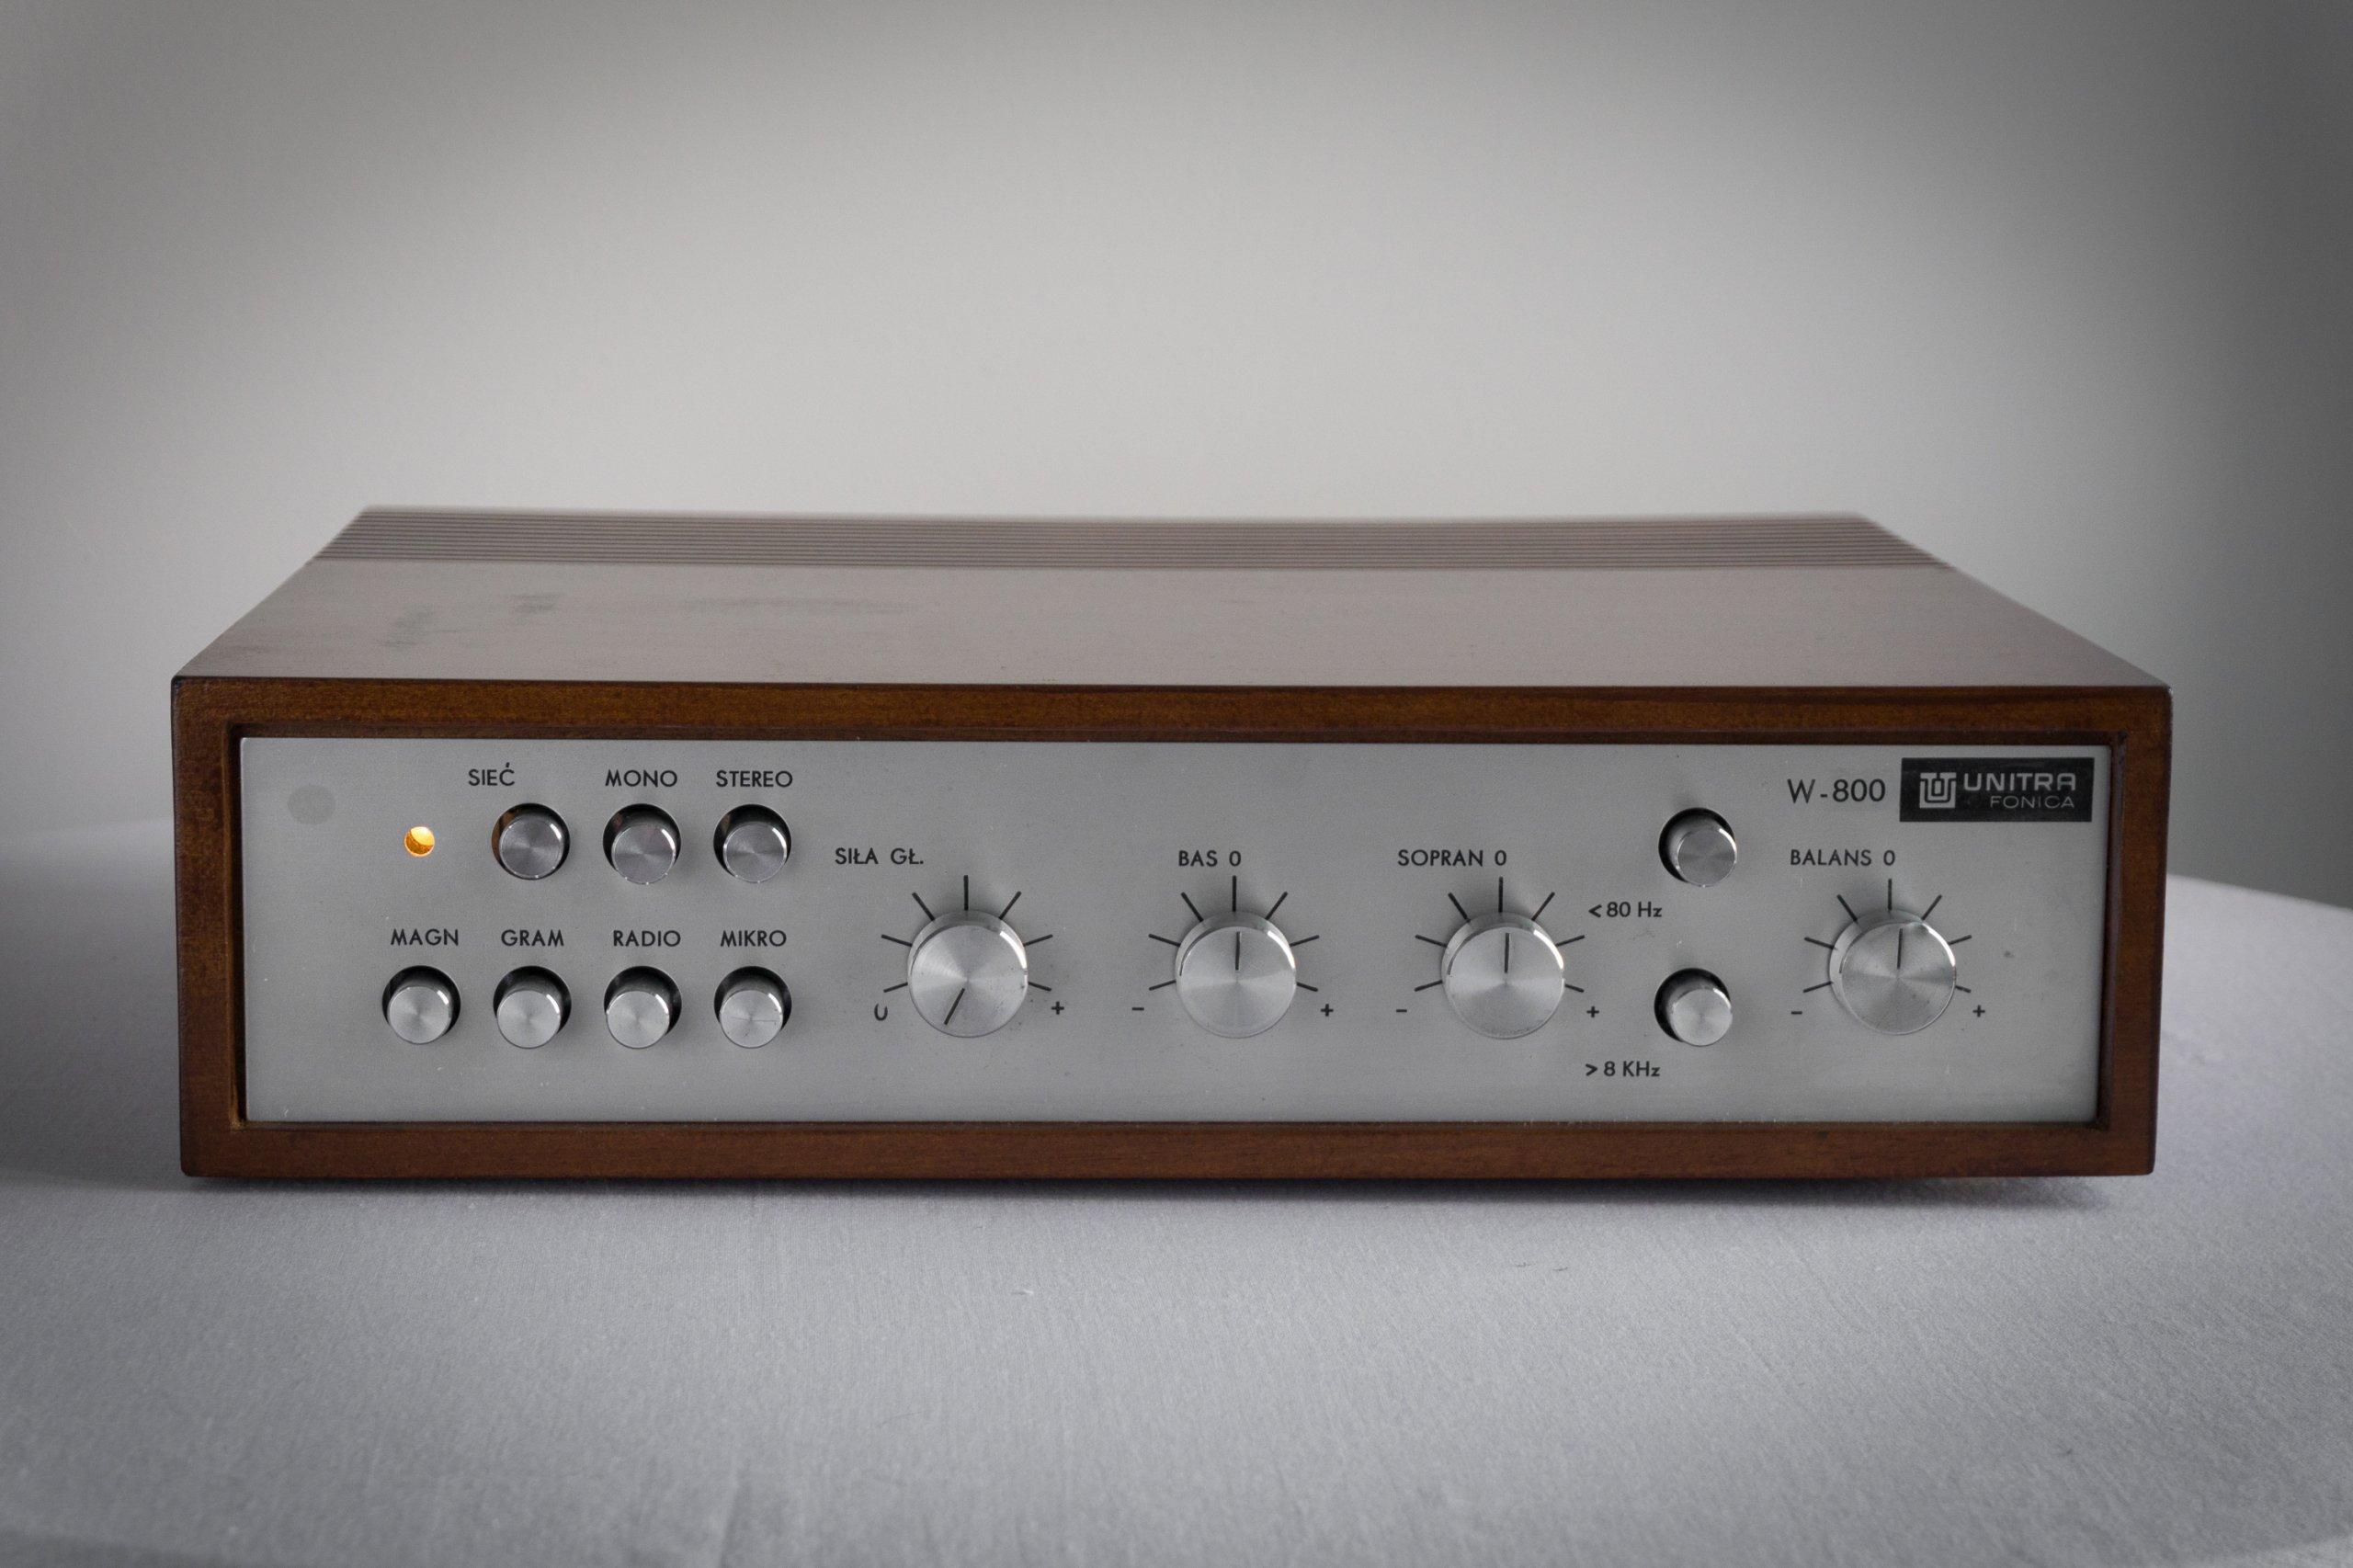 Unitra Fonica W800 / Kultowy wzmacniacz / SPRAWNY!